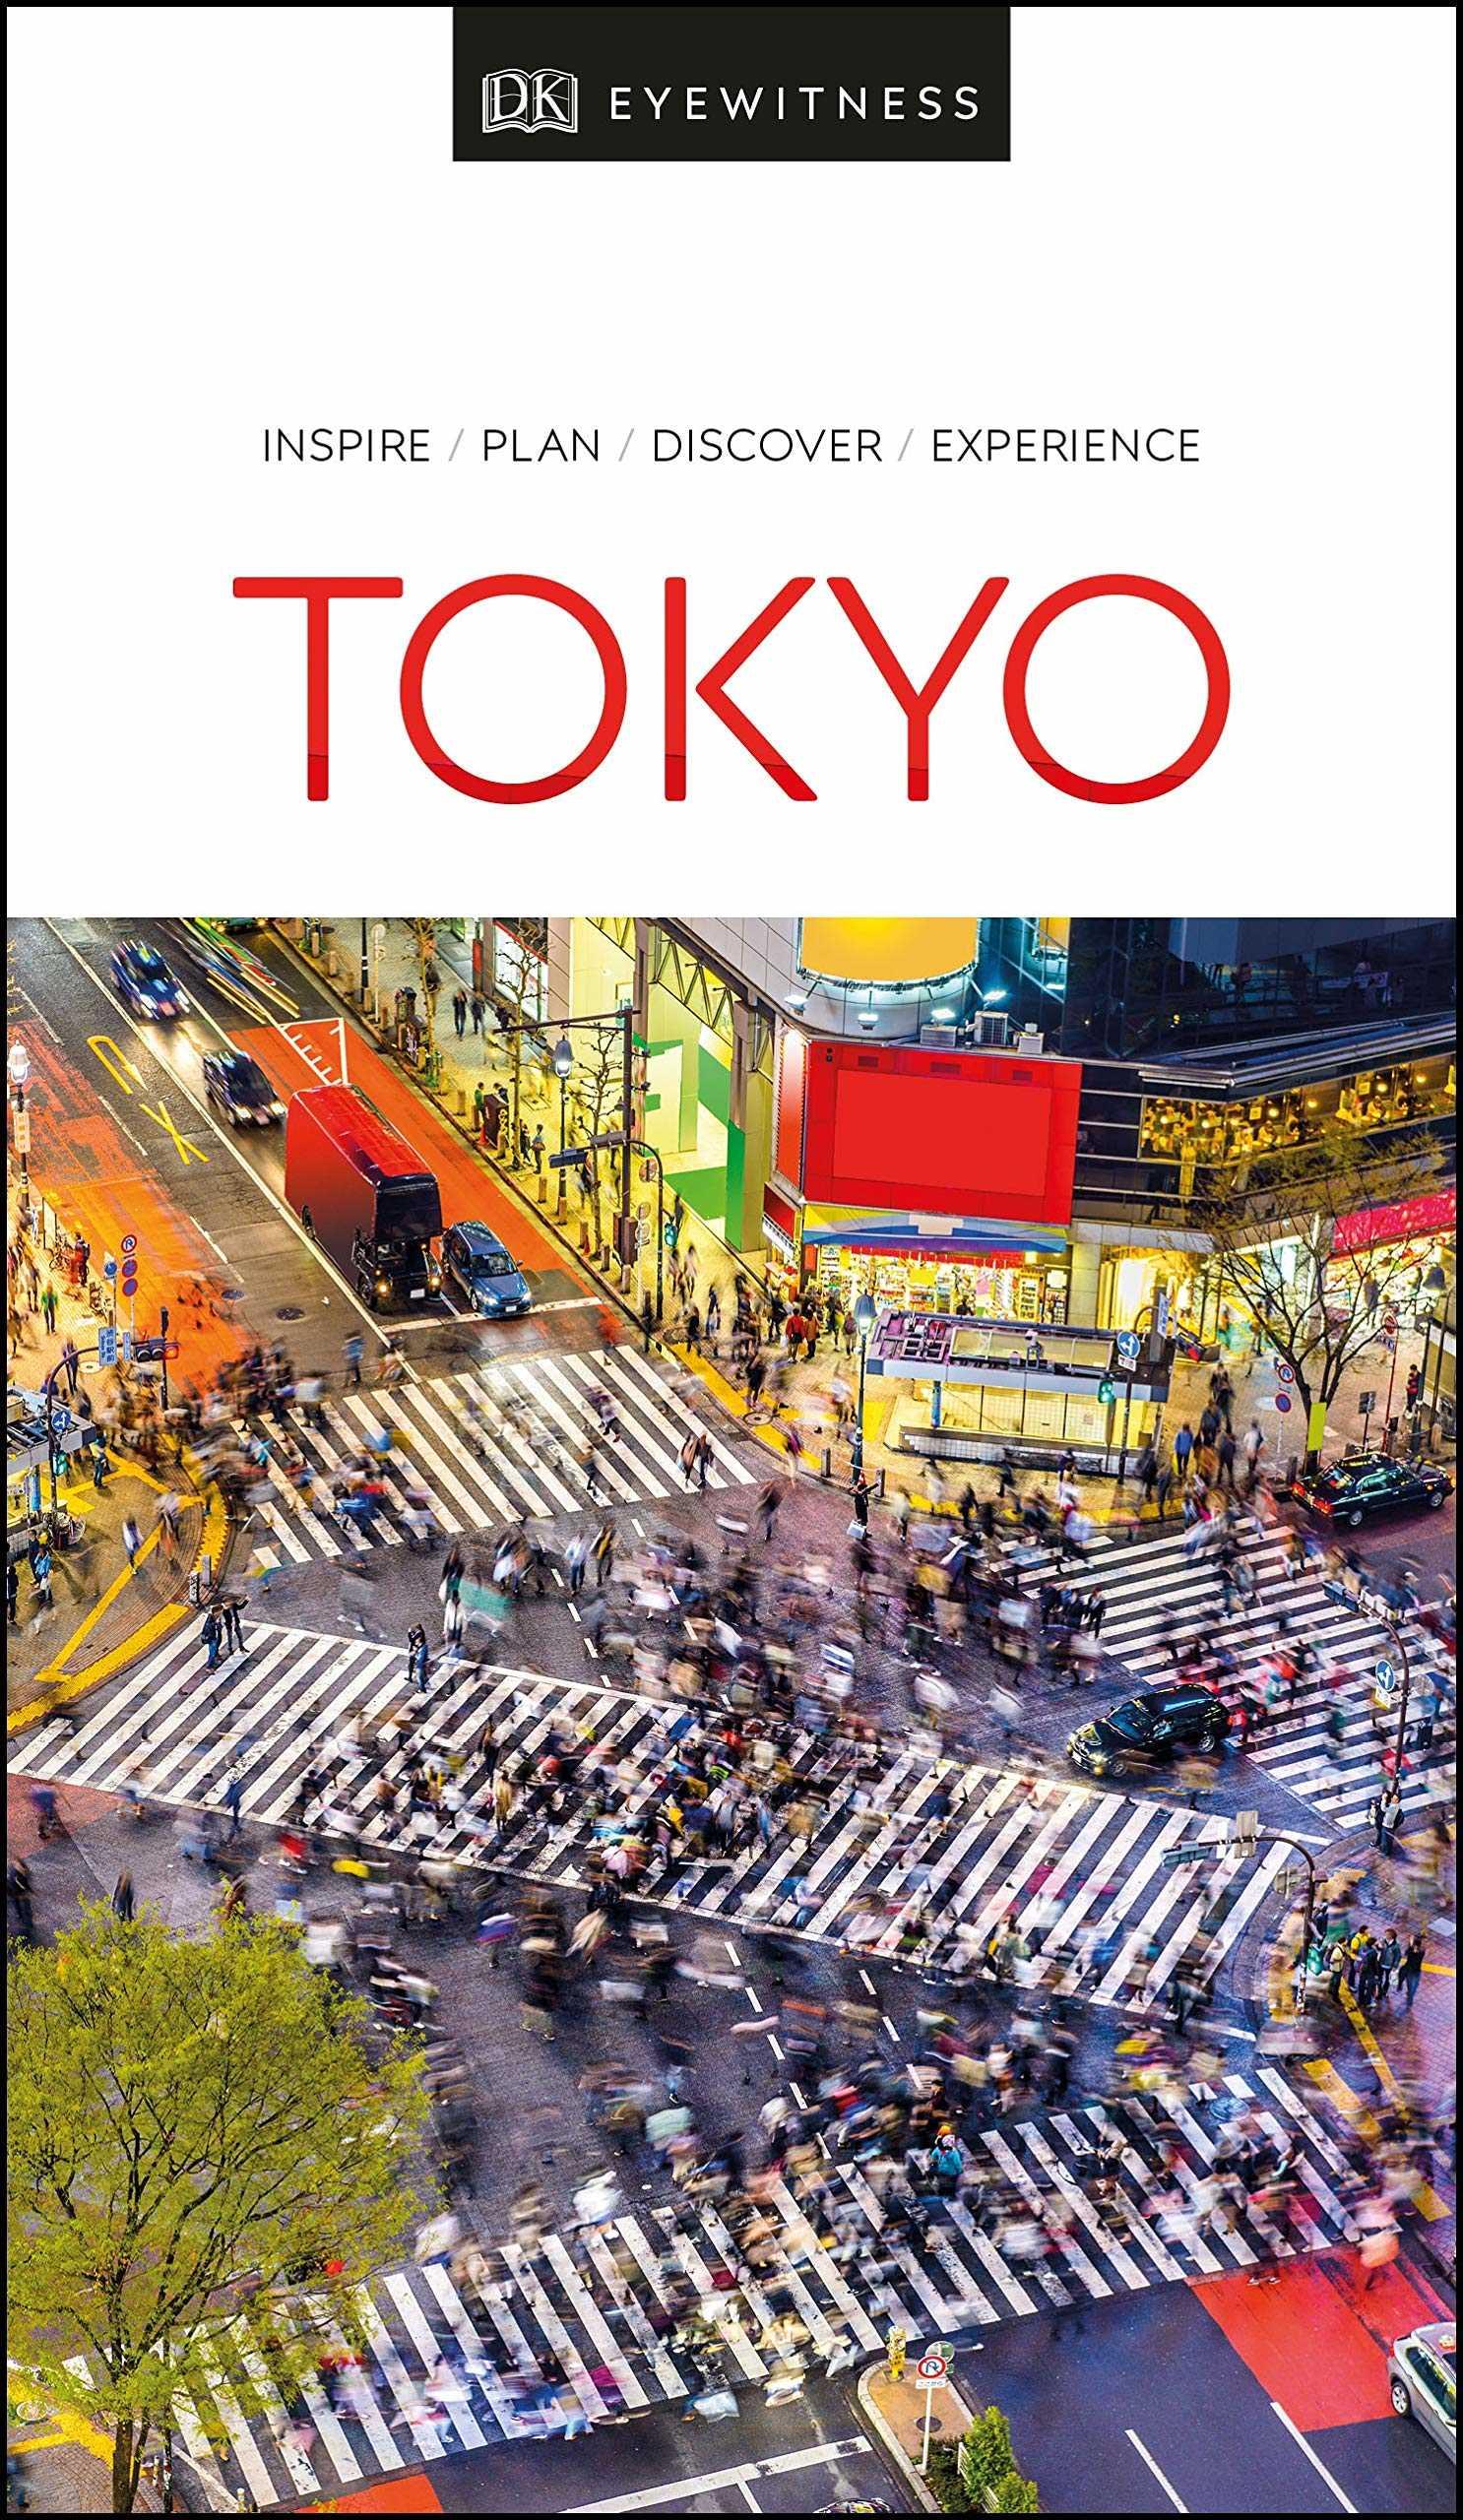 DK Eyewitness Tokyo